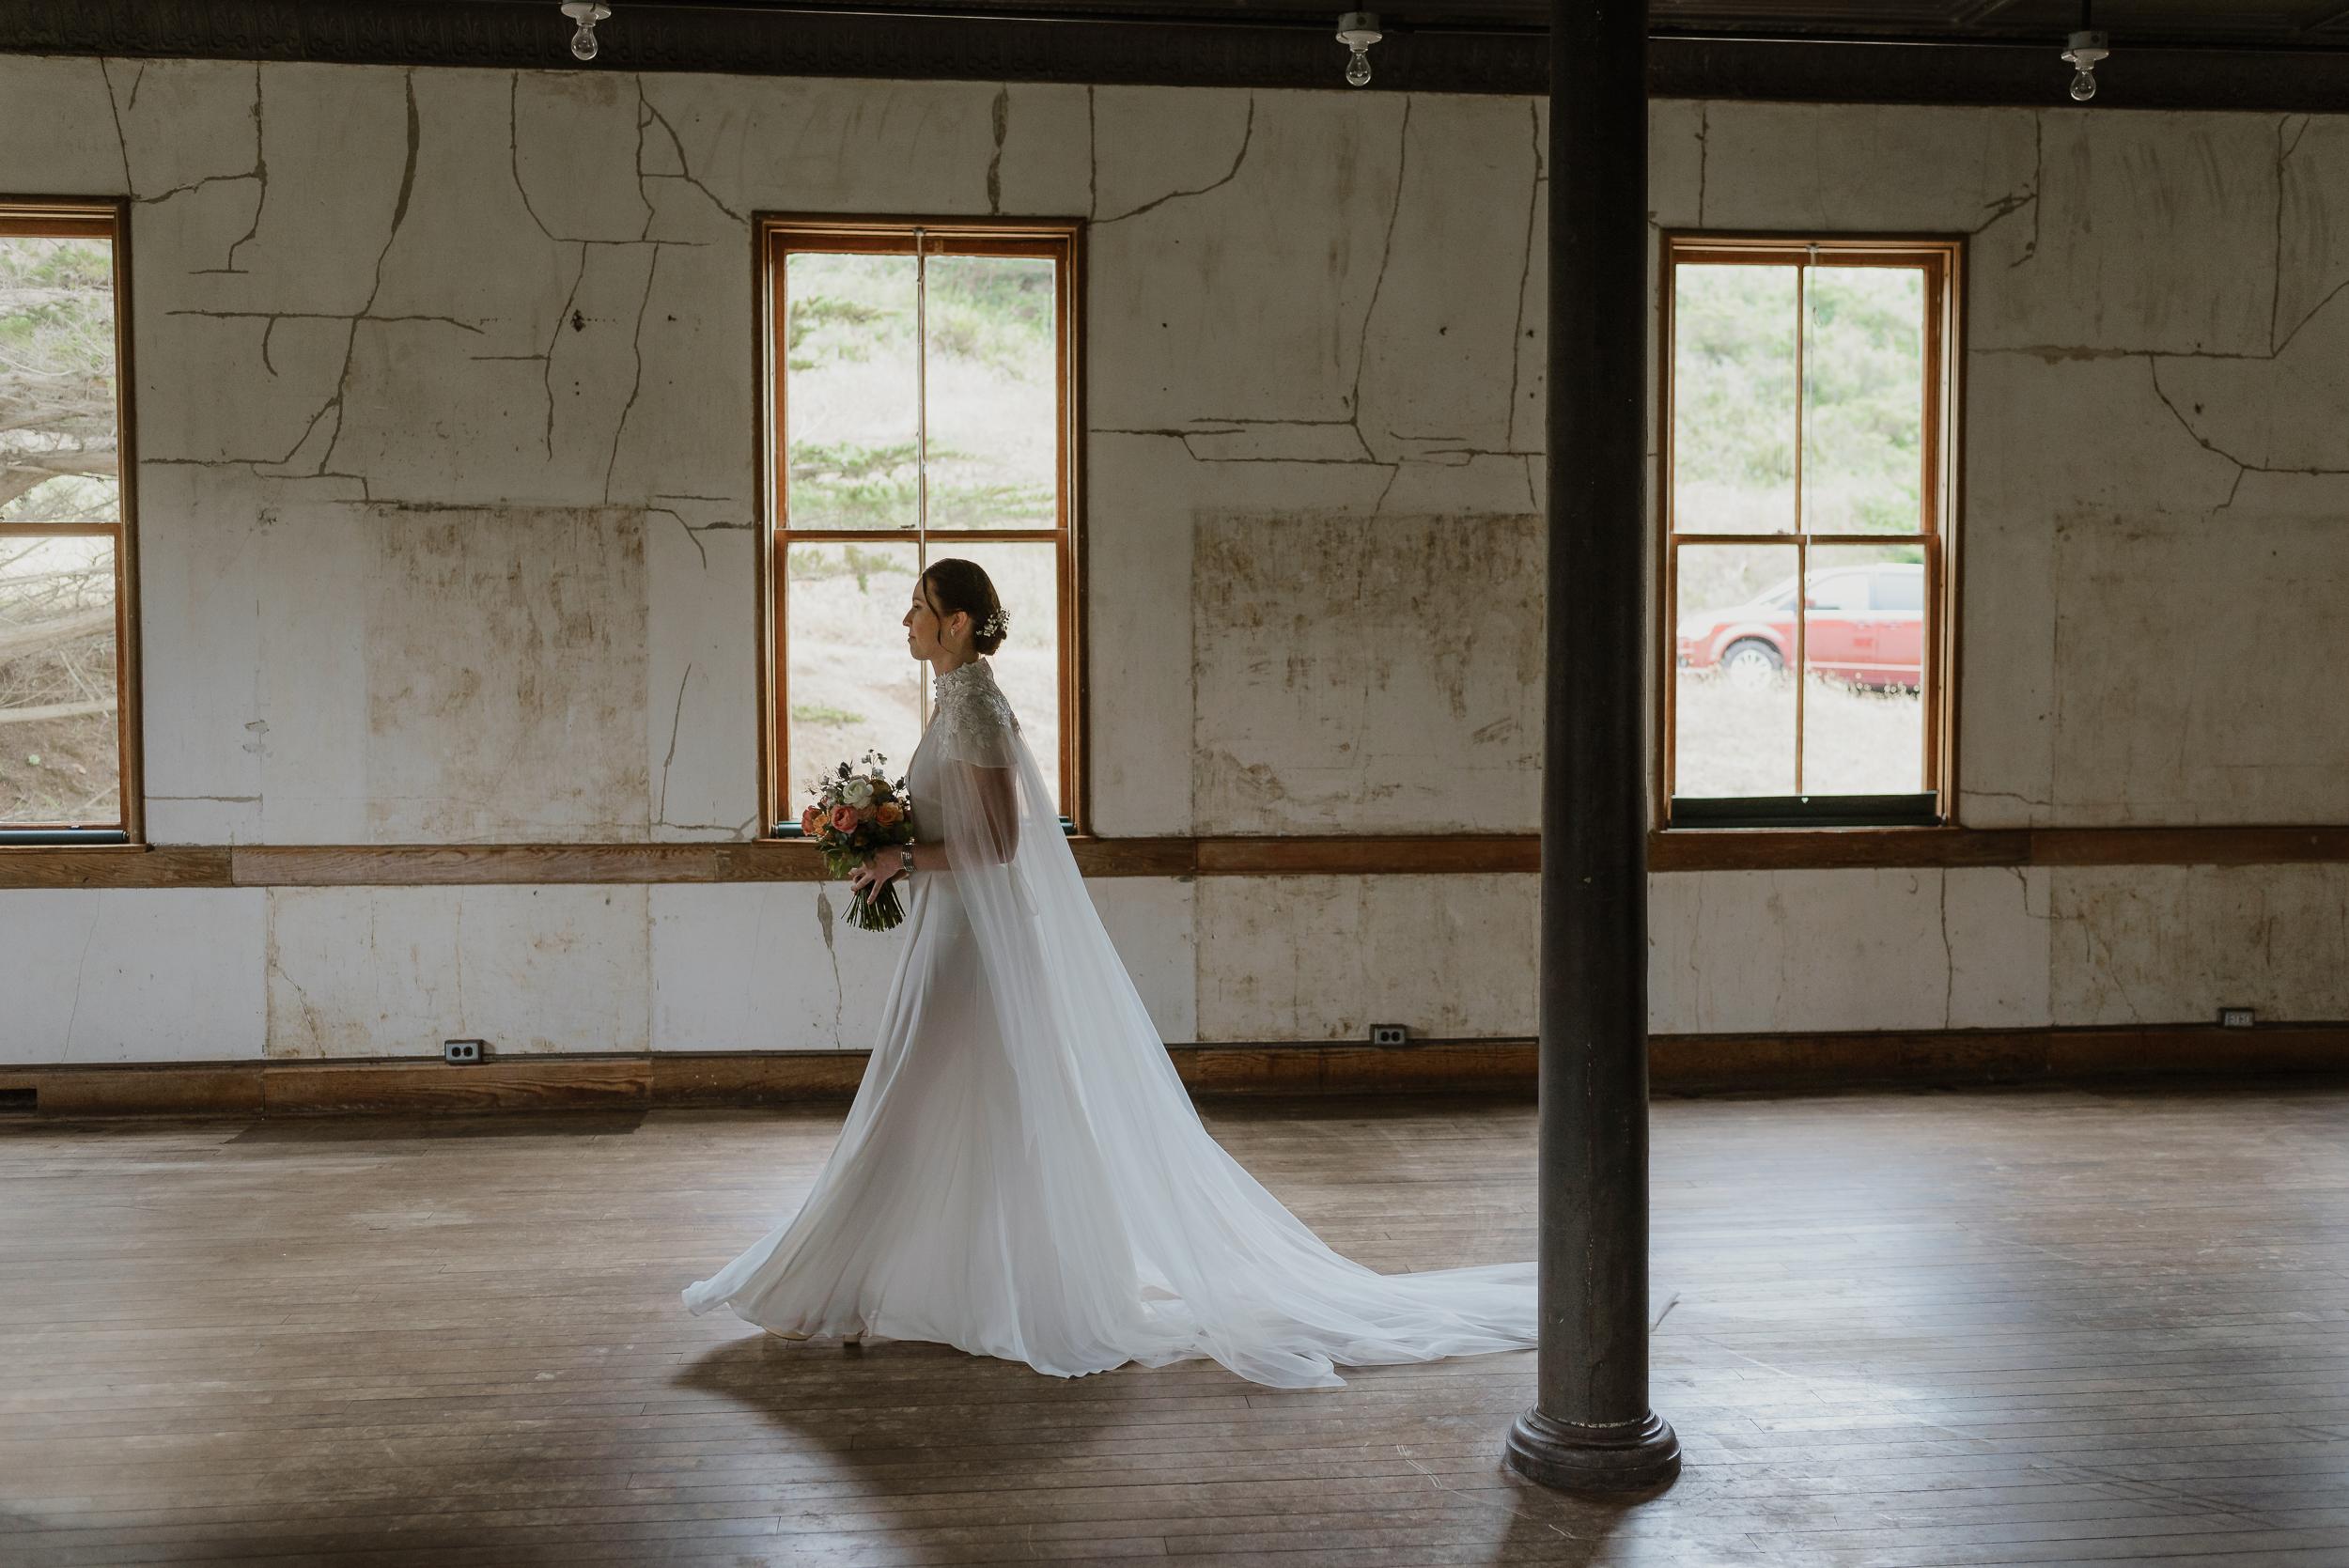 021-san-francisco-headlands-center-for-the-arts-wedding-vivianchen-095.jpg